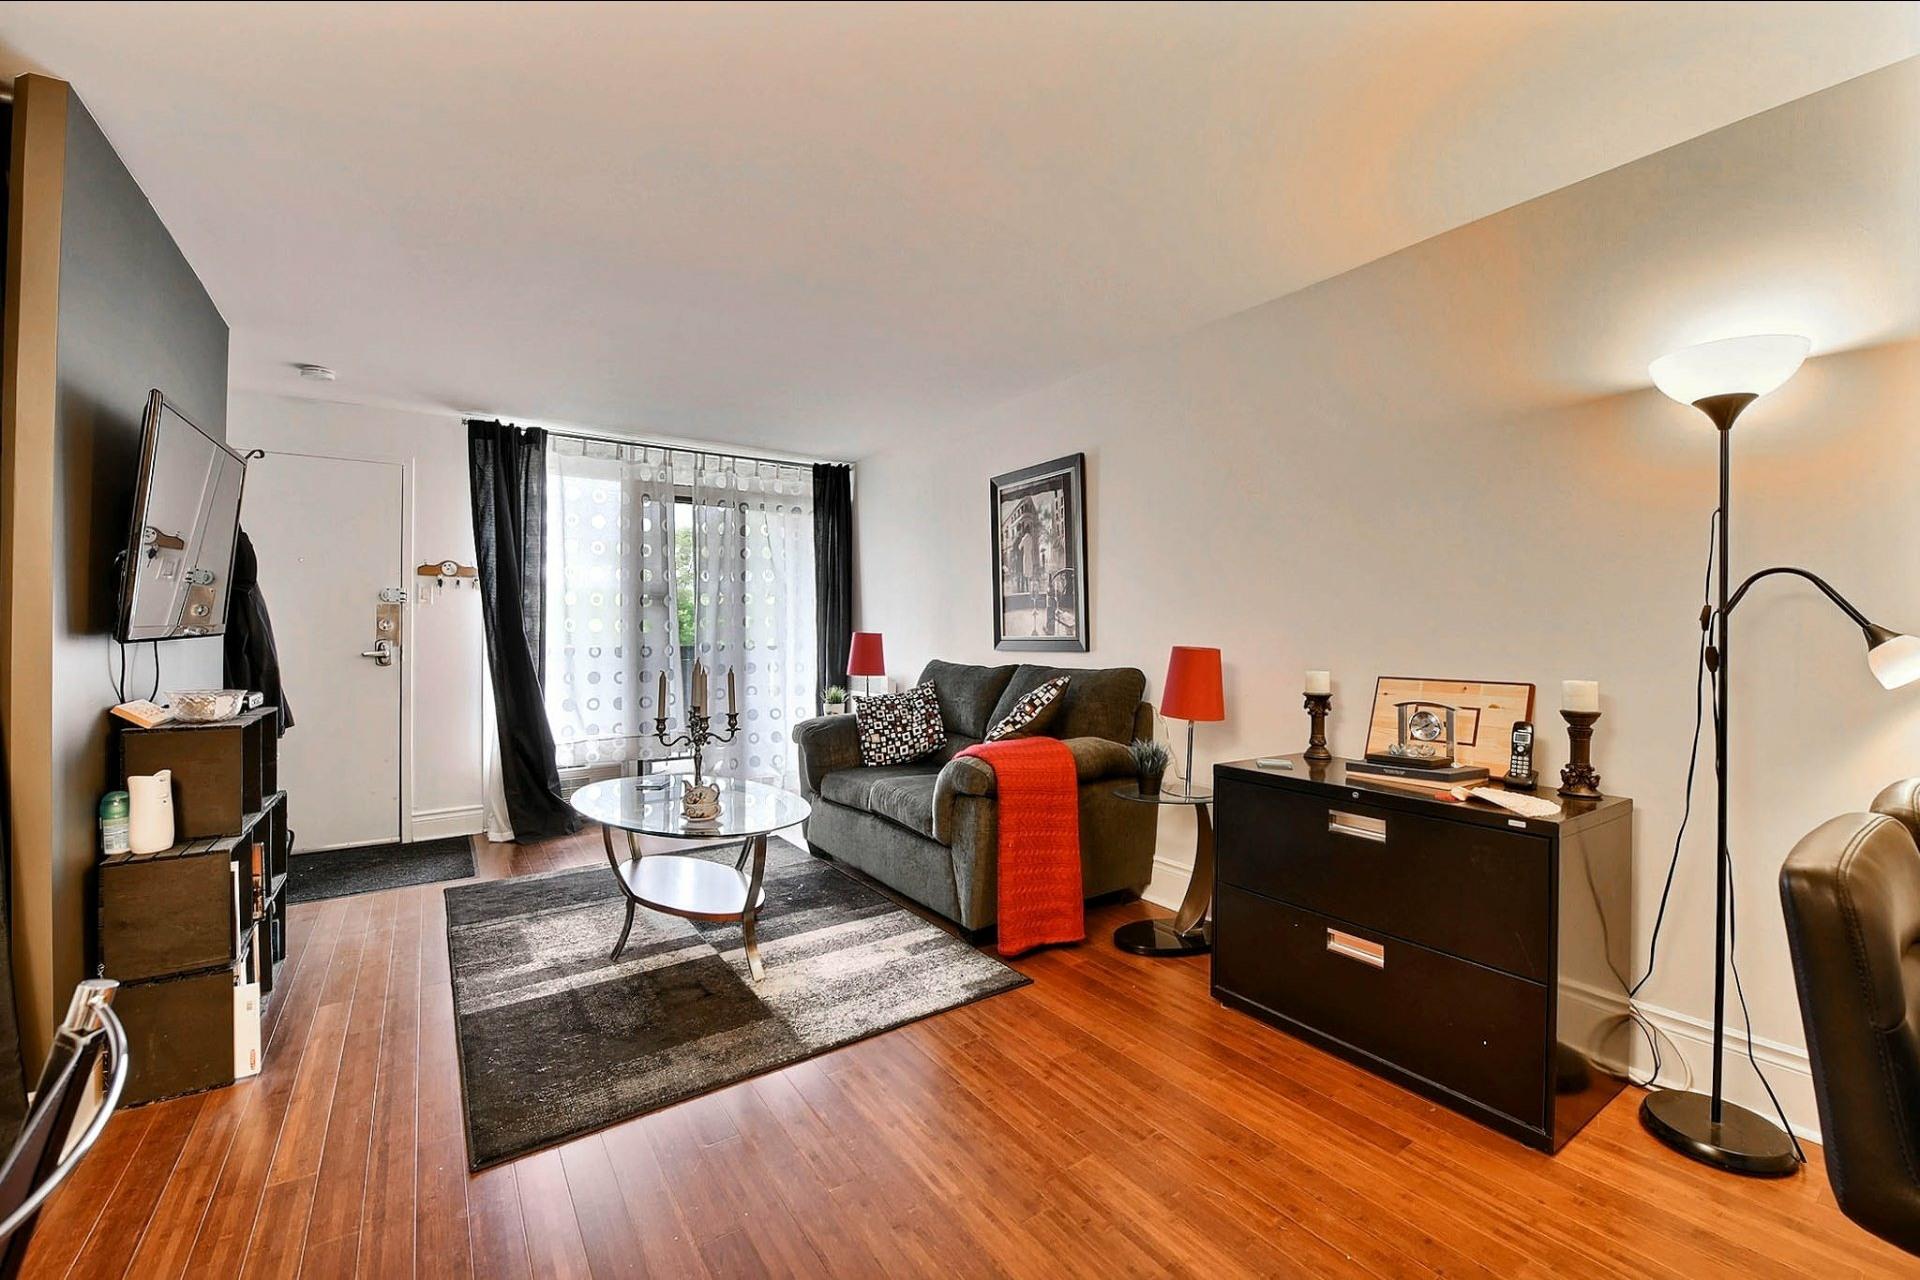 image 4 - Apartment For sale Montréal Mercier/Hochelaga-Maisonneuve  - 5 rooms